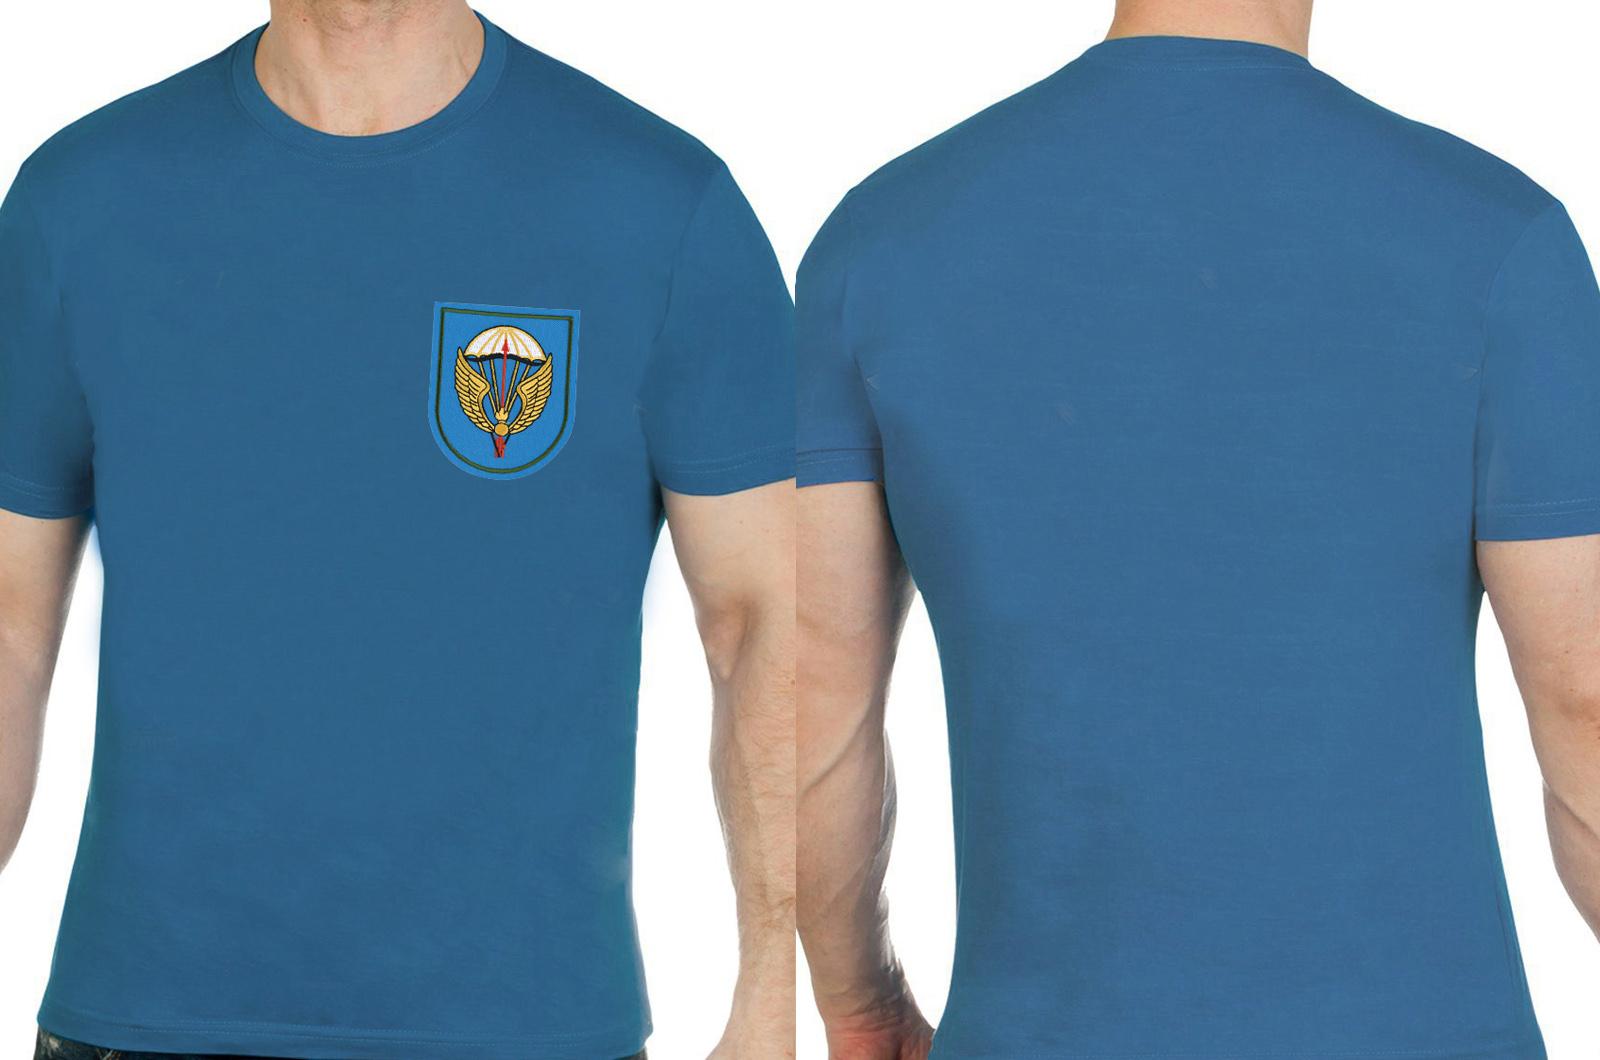 Трендовая хлопковая футболка с вышивкой ВДВ 31 ОДШБр - купить по низкой цене